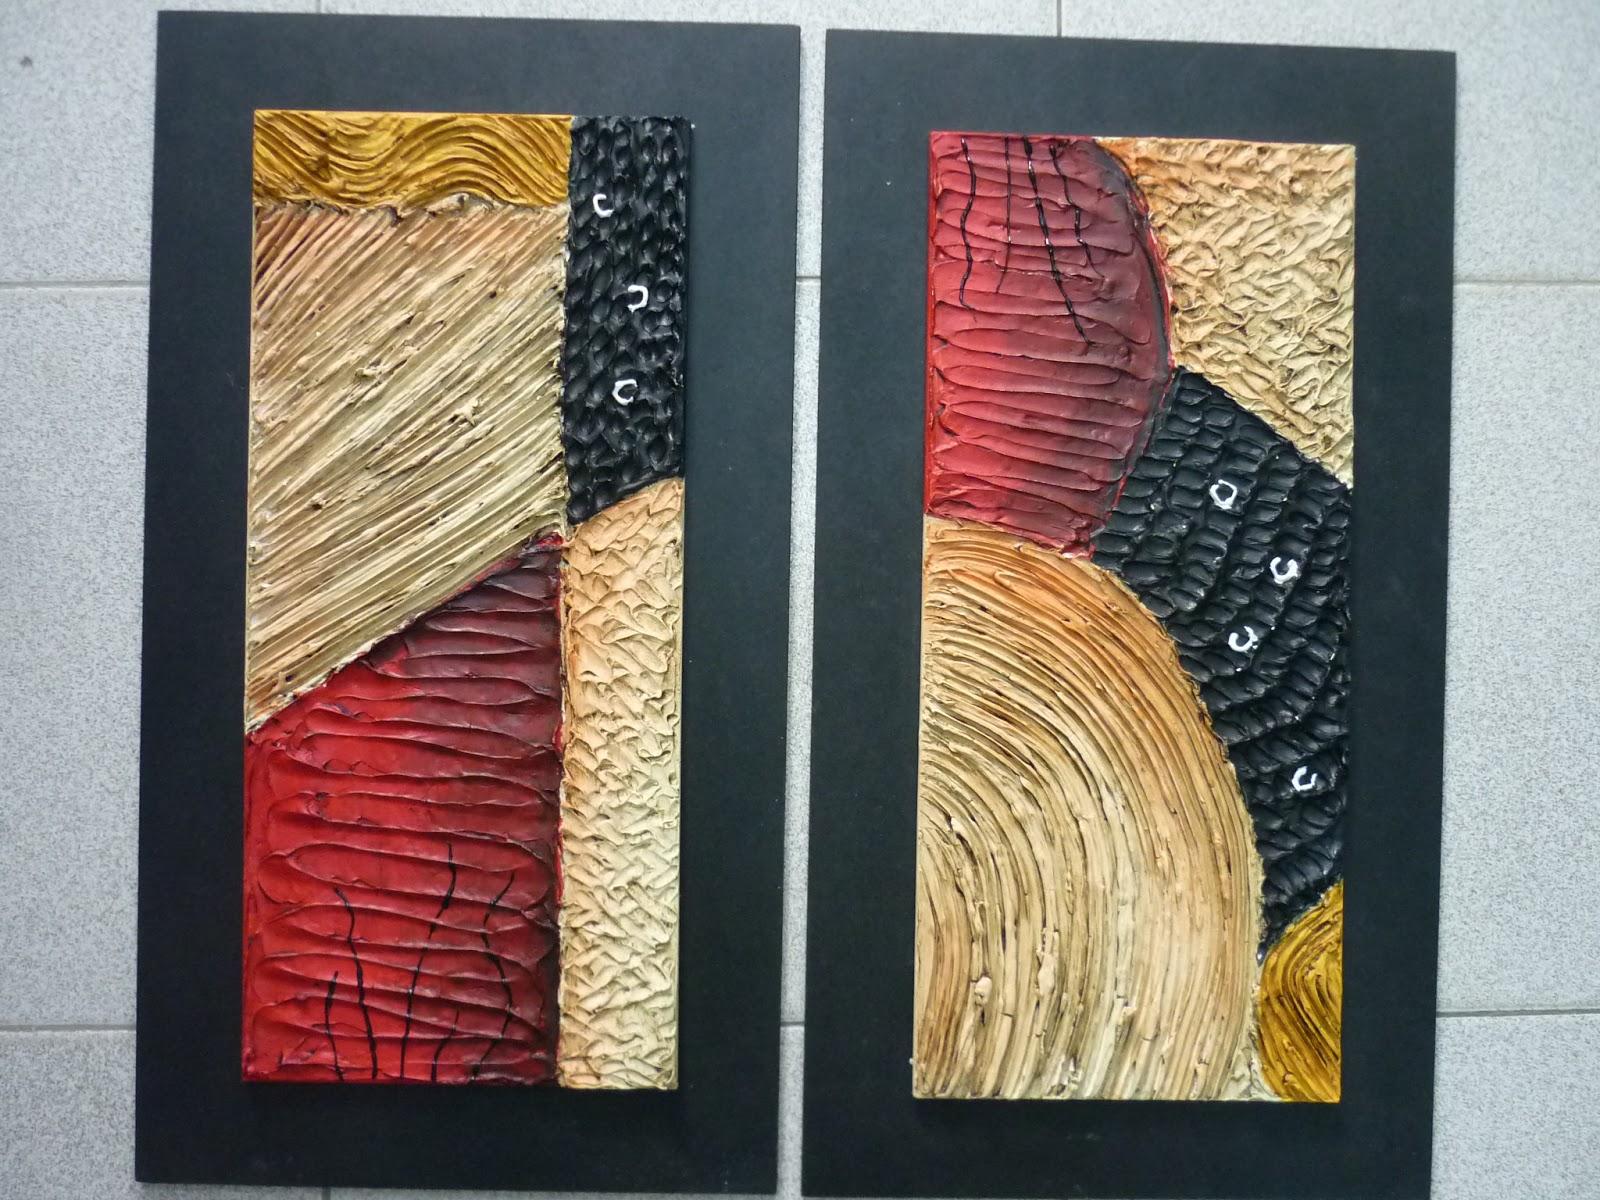 Creaciones de silvia lorena y dos de sus trabajos - Cuadros con texturas abstractos ...